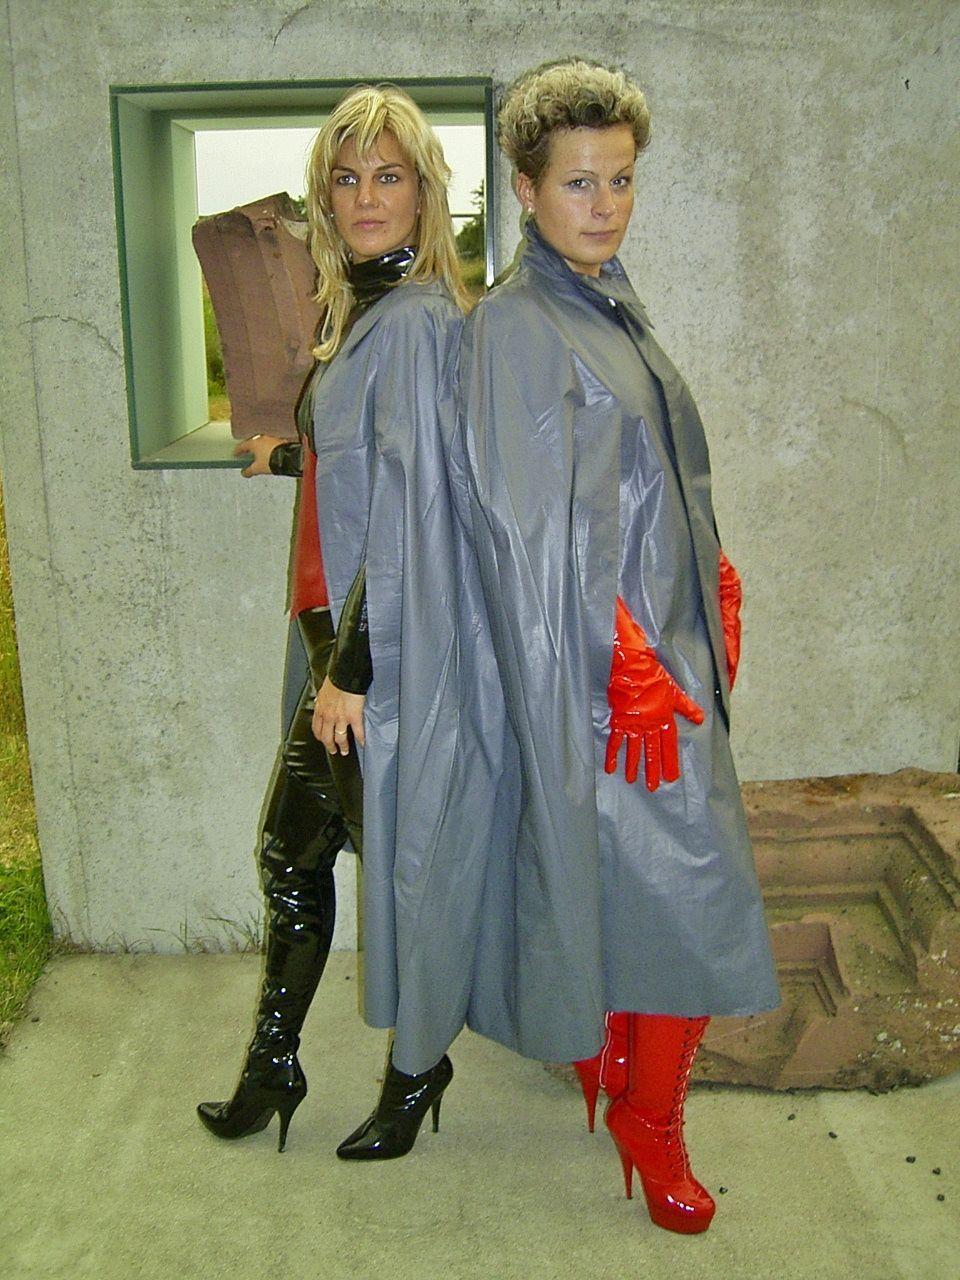 Klepperfrauen Mit Schicken Stiefeln Regenmantel Regenkleidung